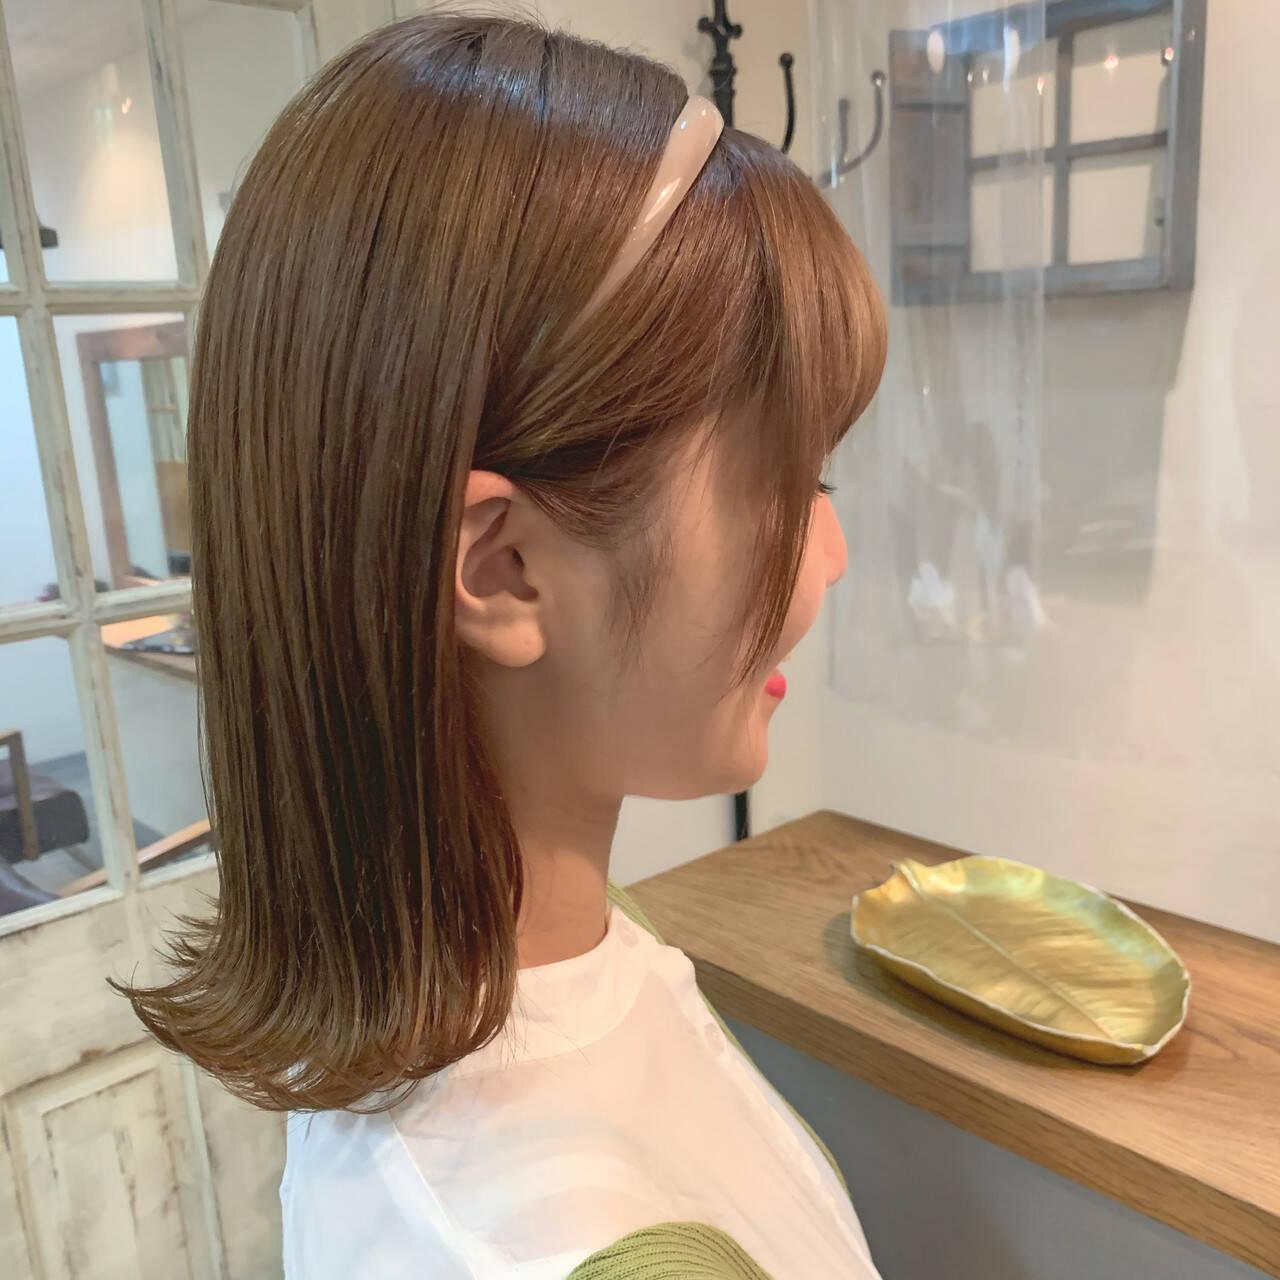 ナチュラル ボブ ショコラブラウン 透明感カラーヘアスタイルや髪型の写真・画像